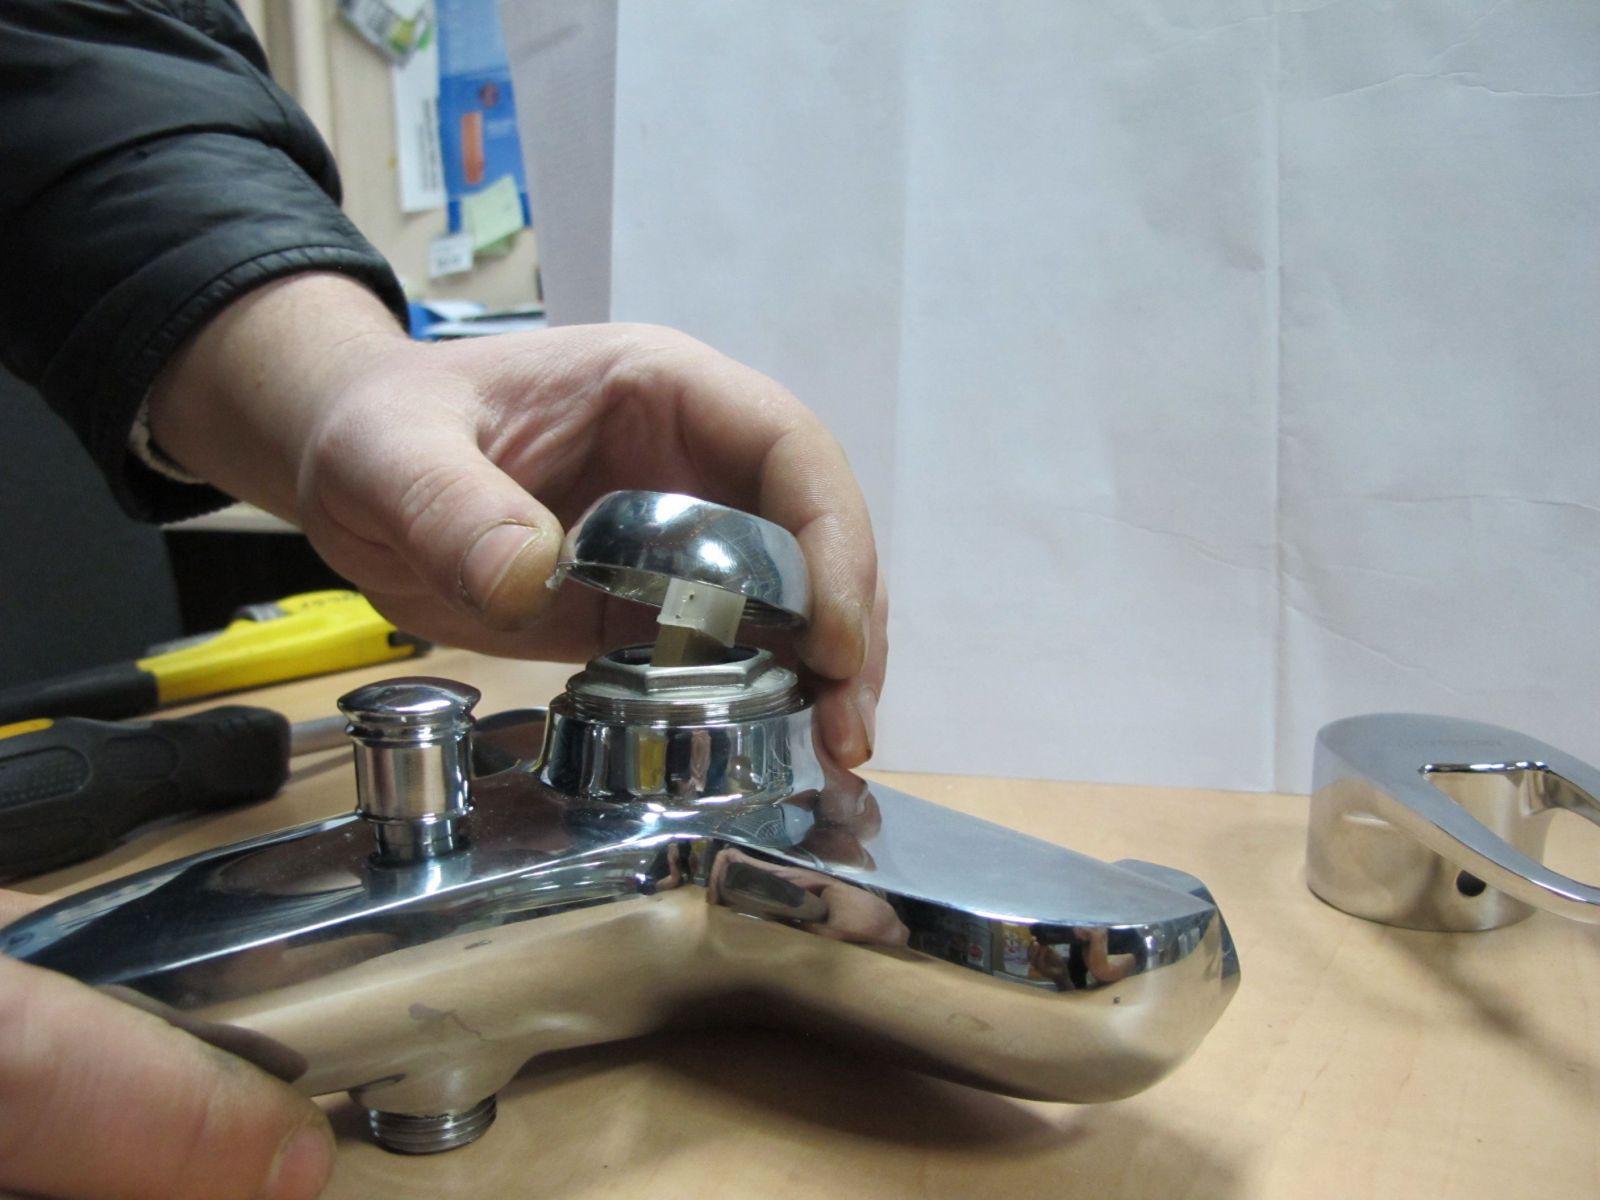 Ремонт водопроводных кранов своими руками: инструмент и комплектующие 806